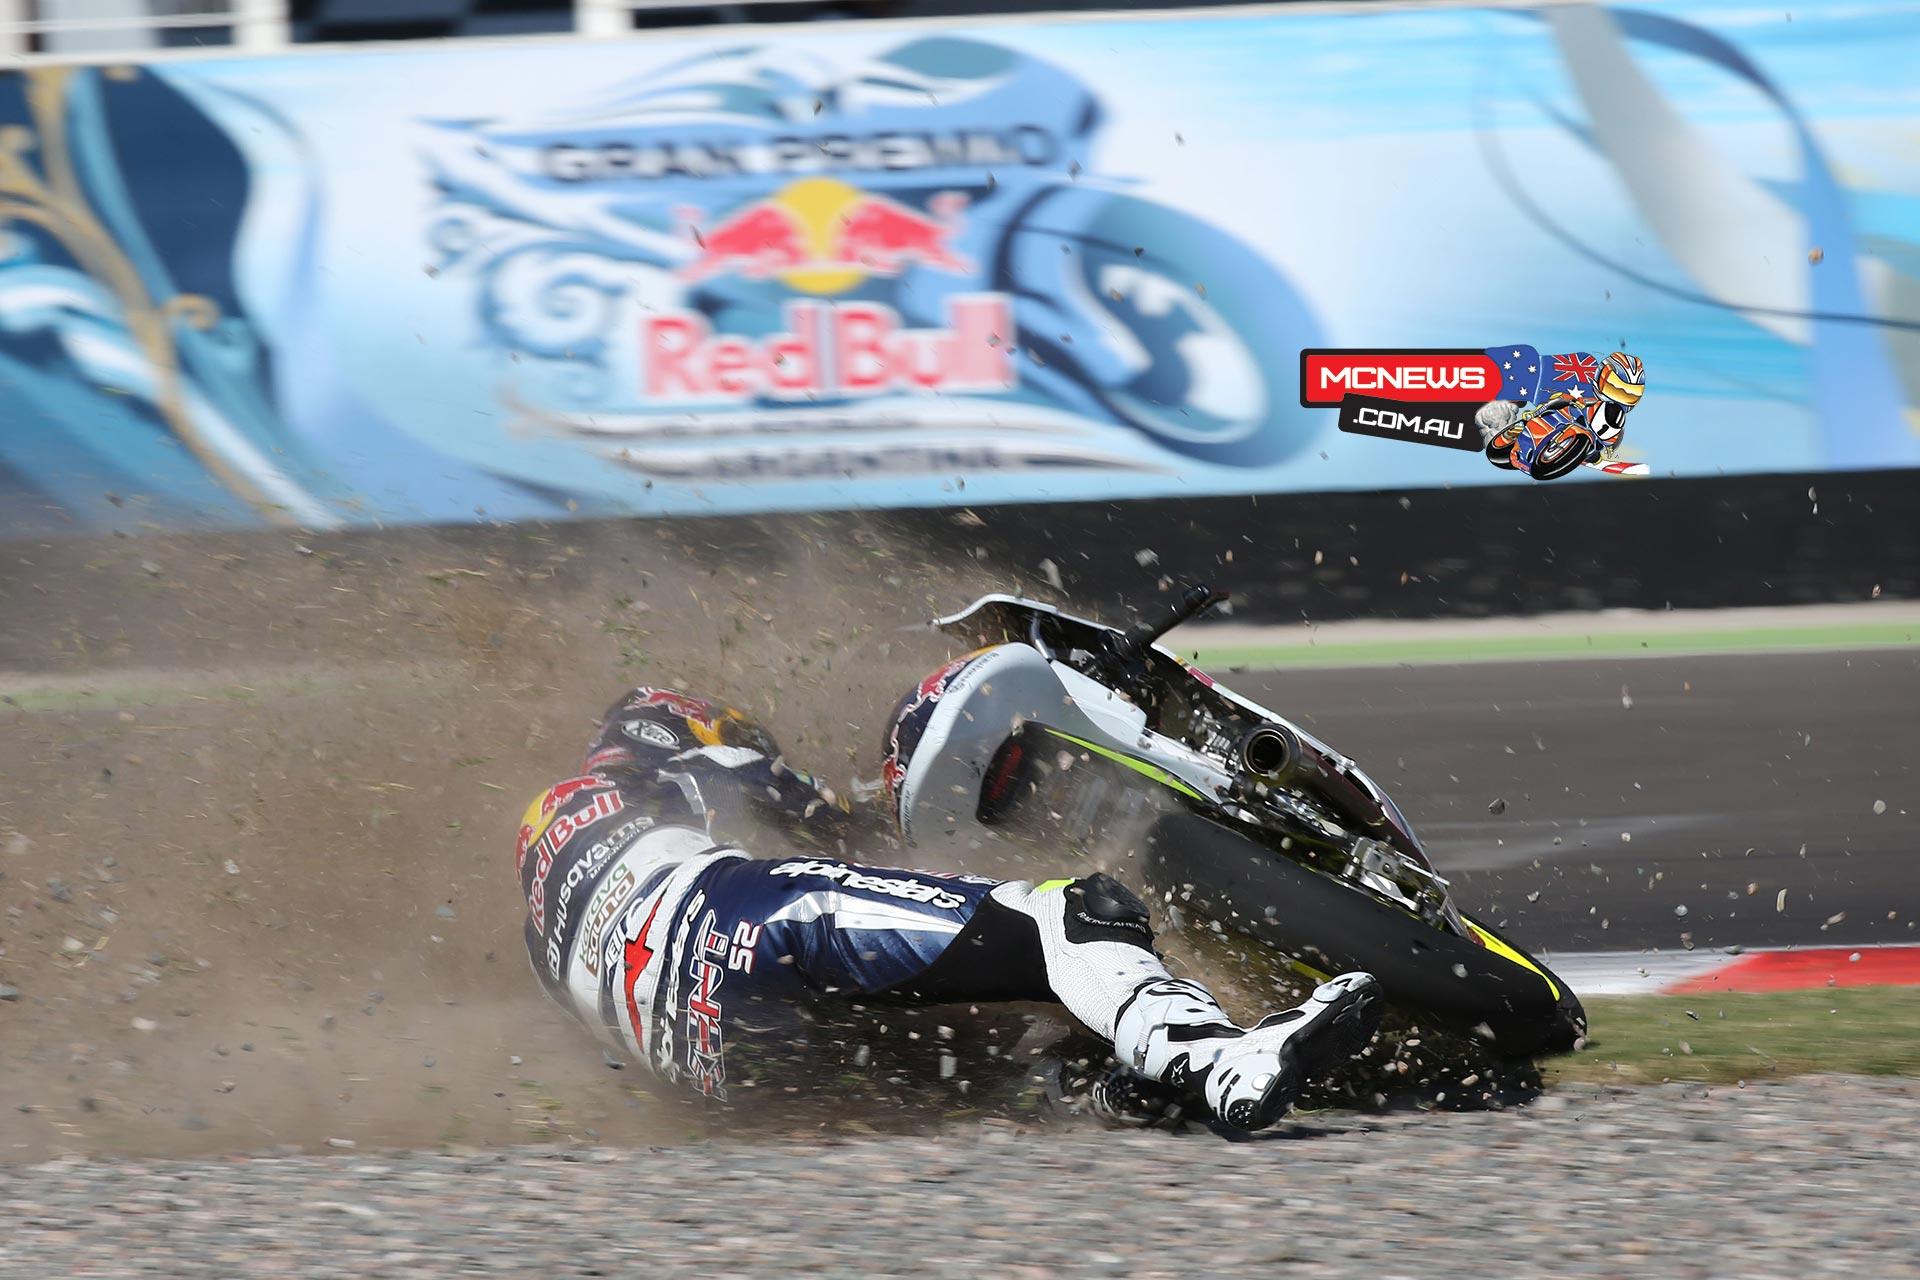 MotoGP 2014 - Argentina - Danny Kent